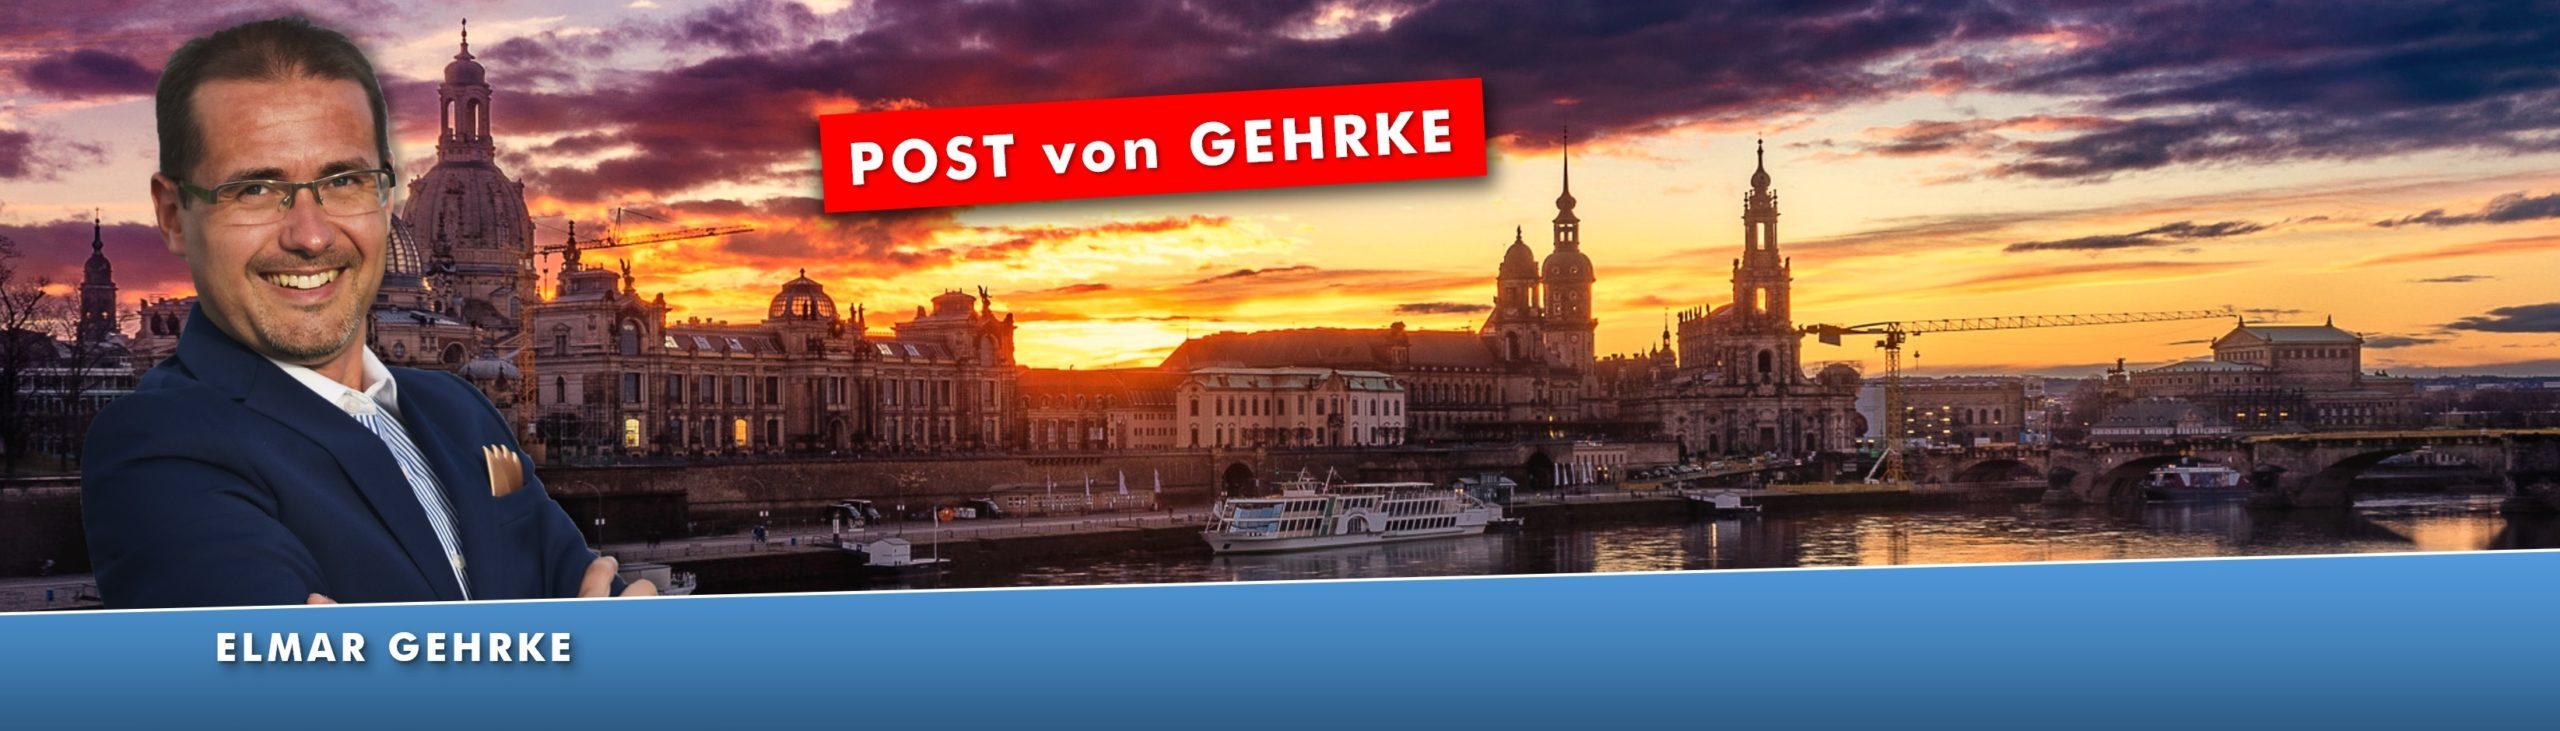 POST von GEHRKE